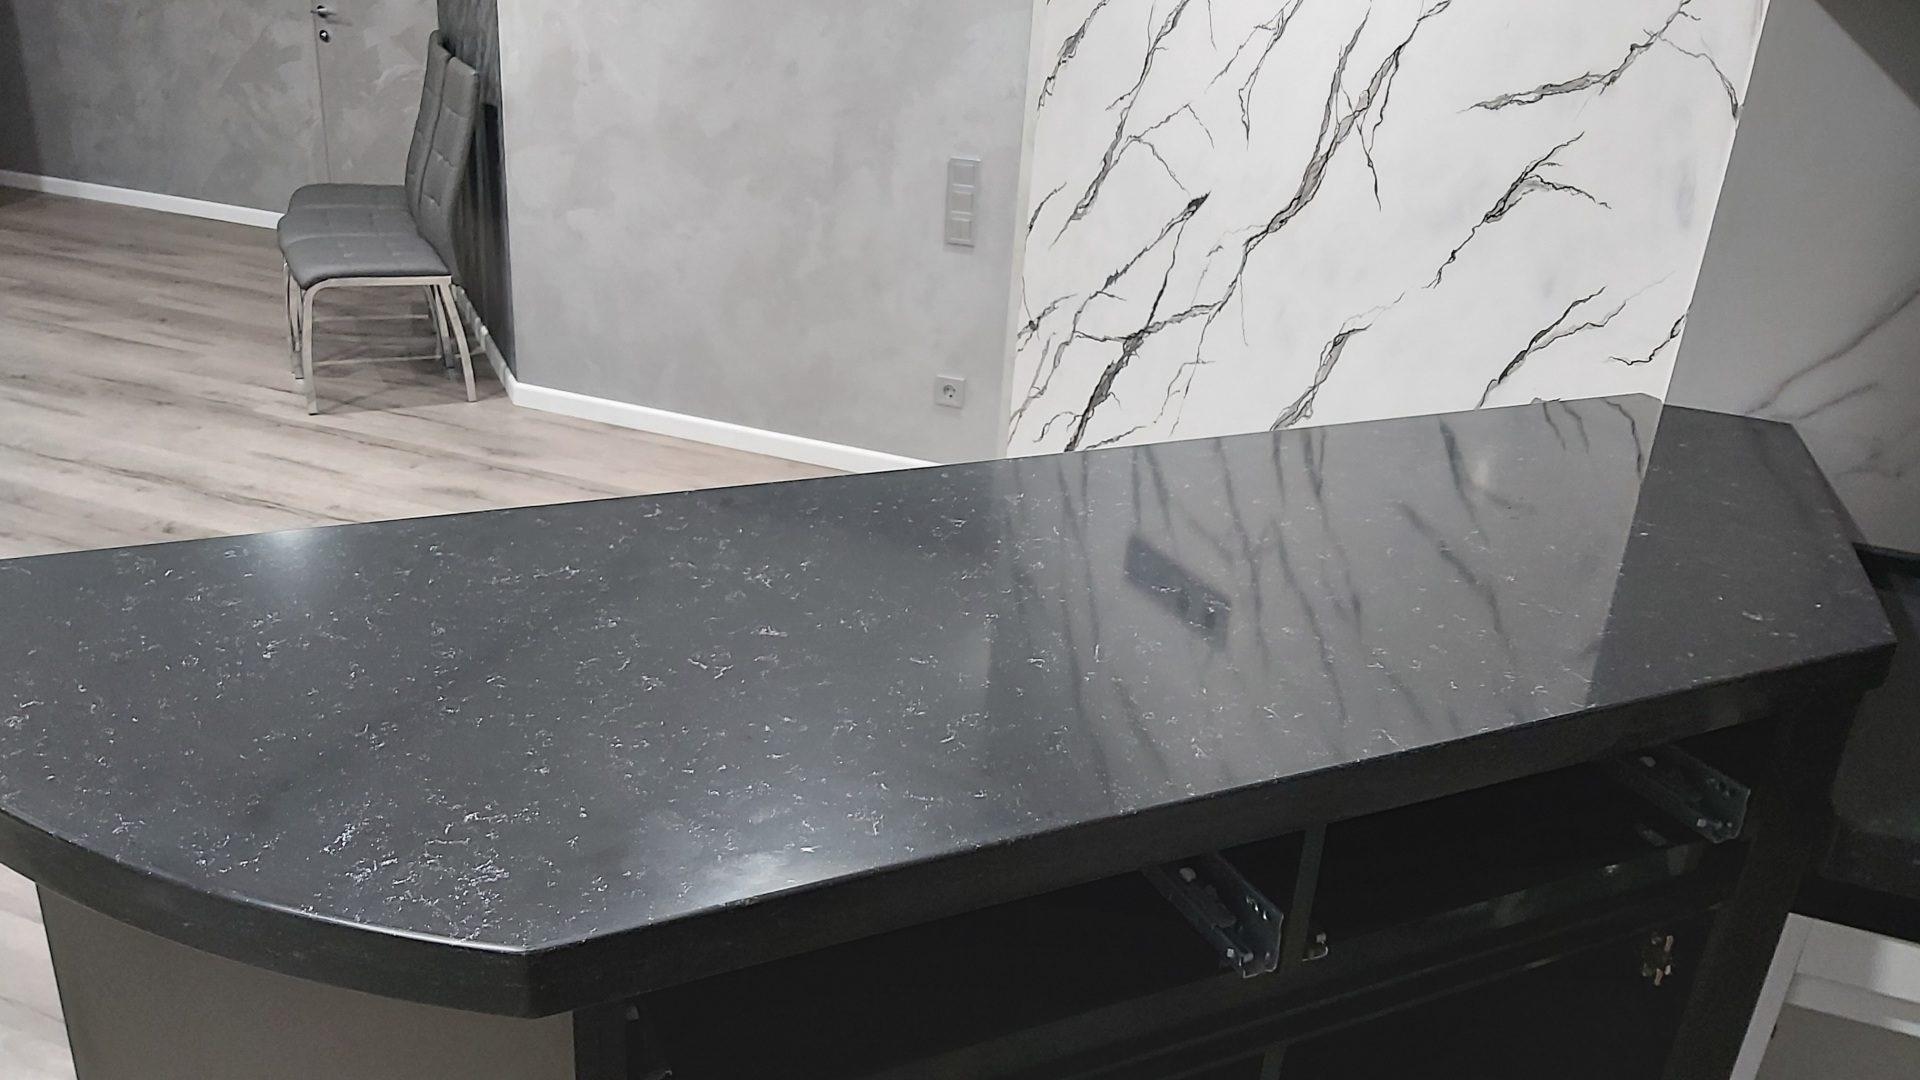 Кухонна стільниця і барна стійка з штучного кварциту Quartzforms